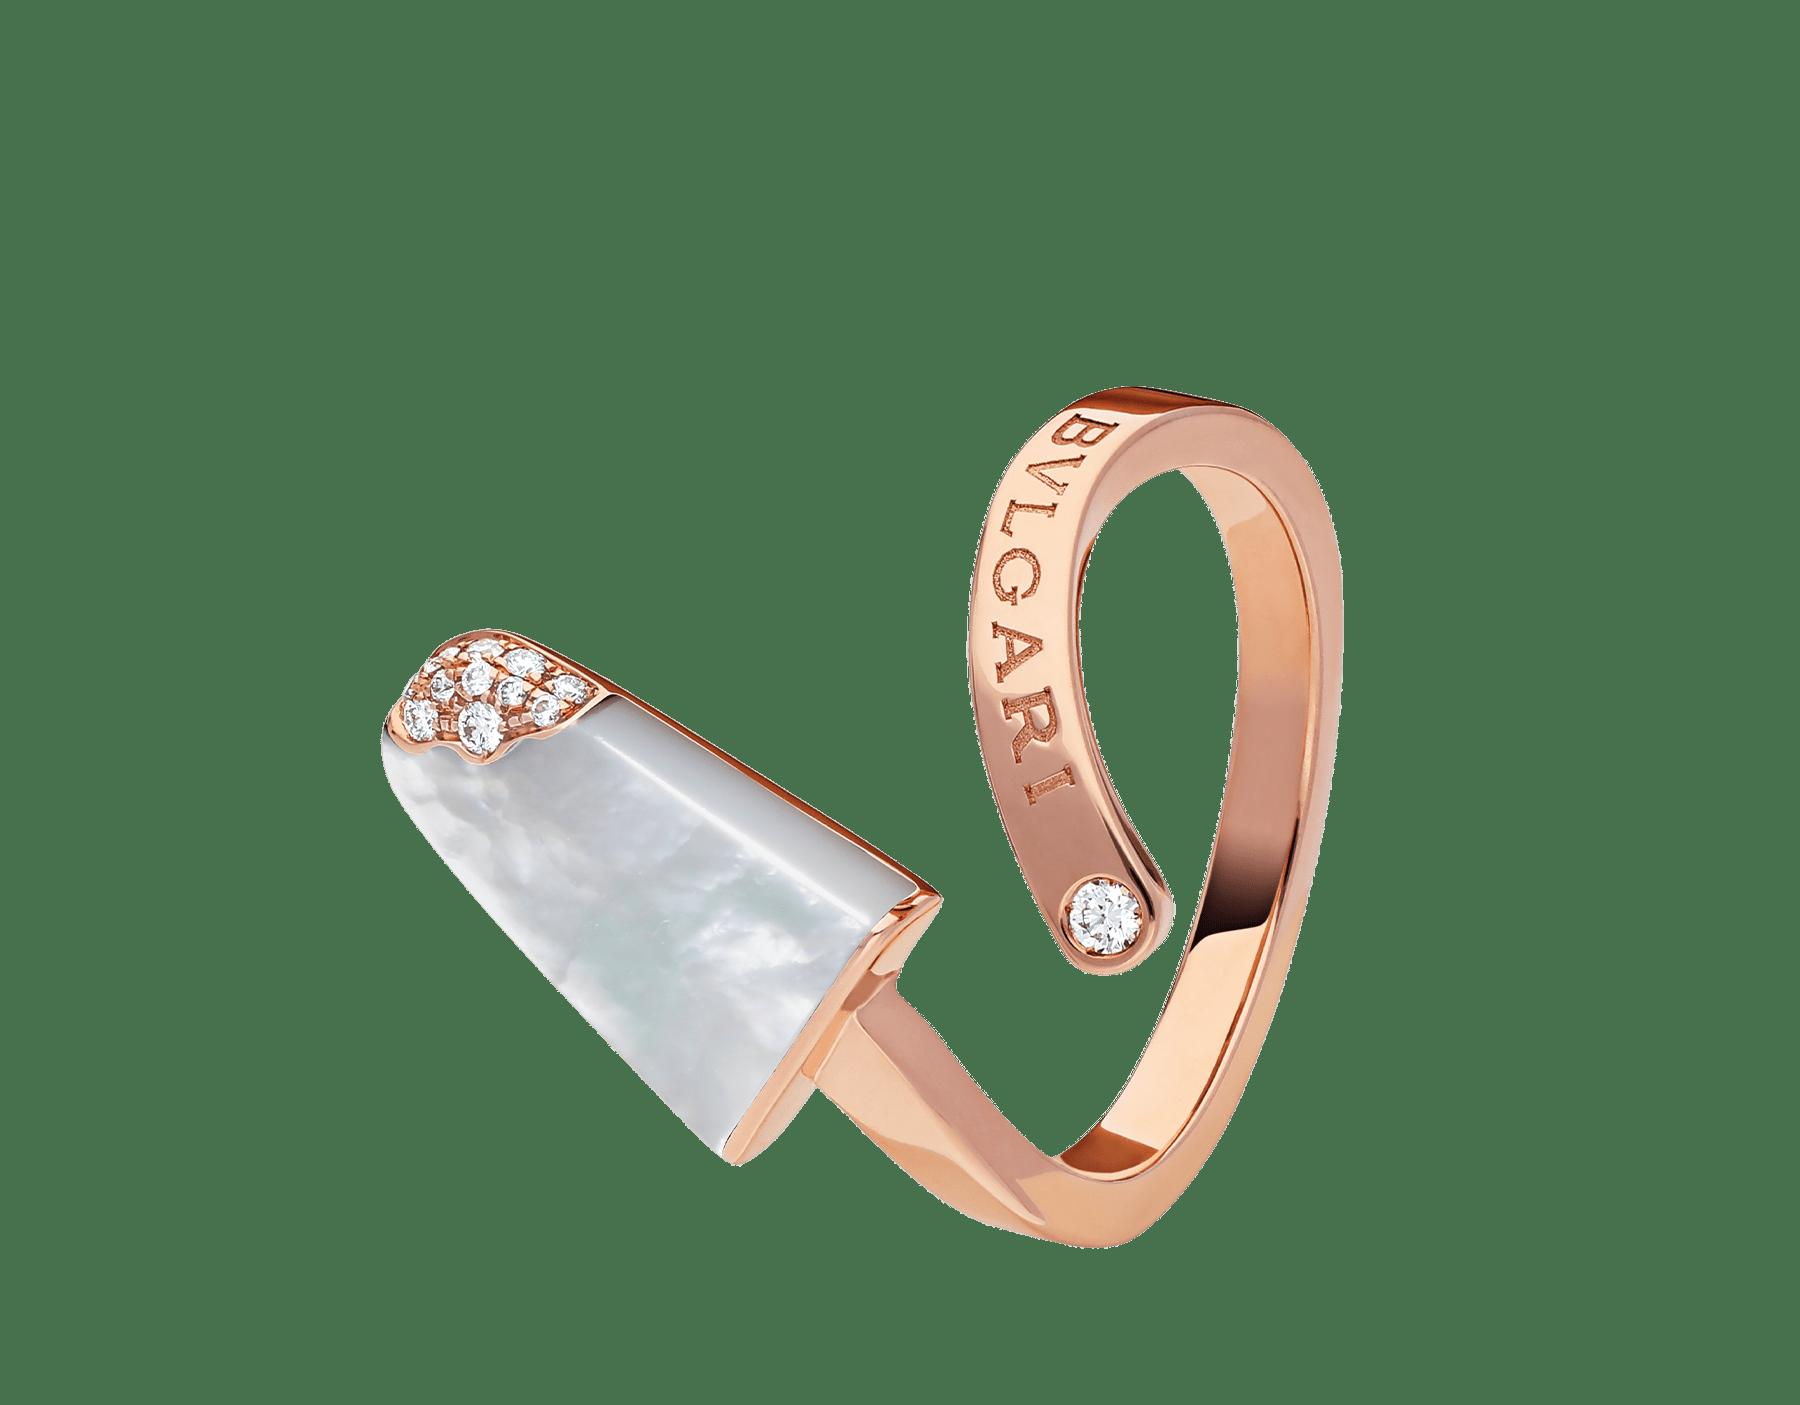 BVLGARI BVLGARI系列戒指,18K玫瑰金材质,镶嵌珍珠母贝,饰以密镶钻石 AN858014 image 2